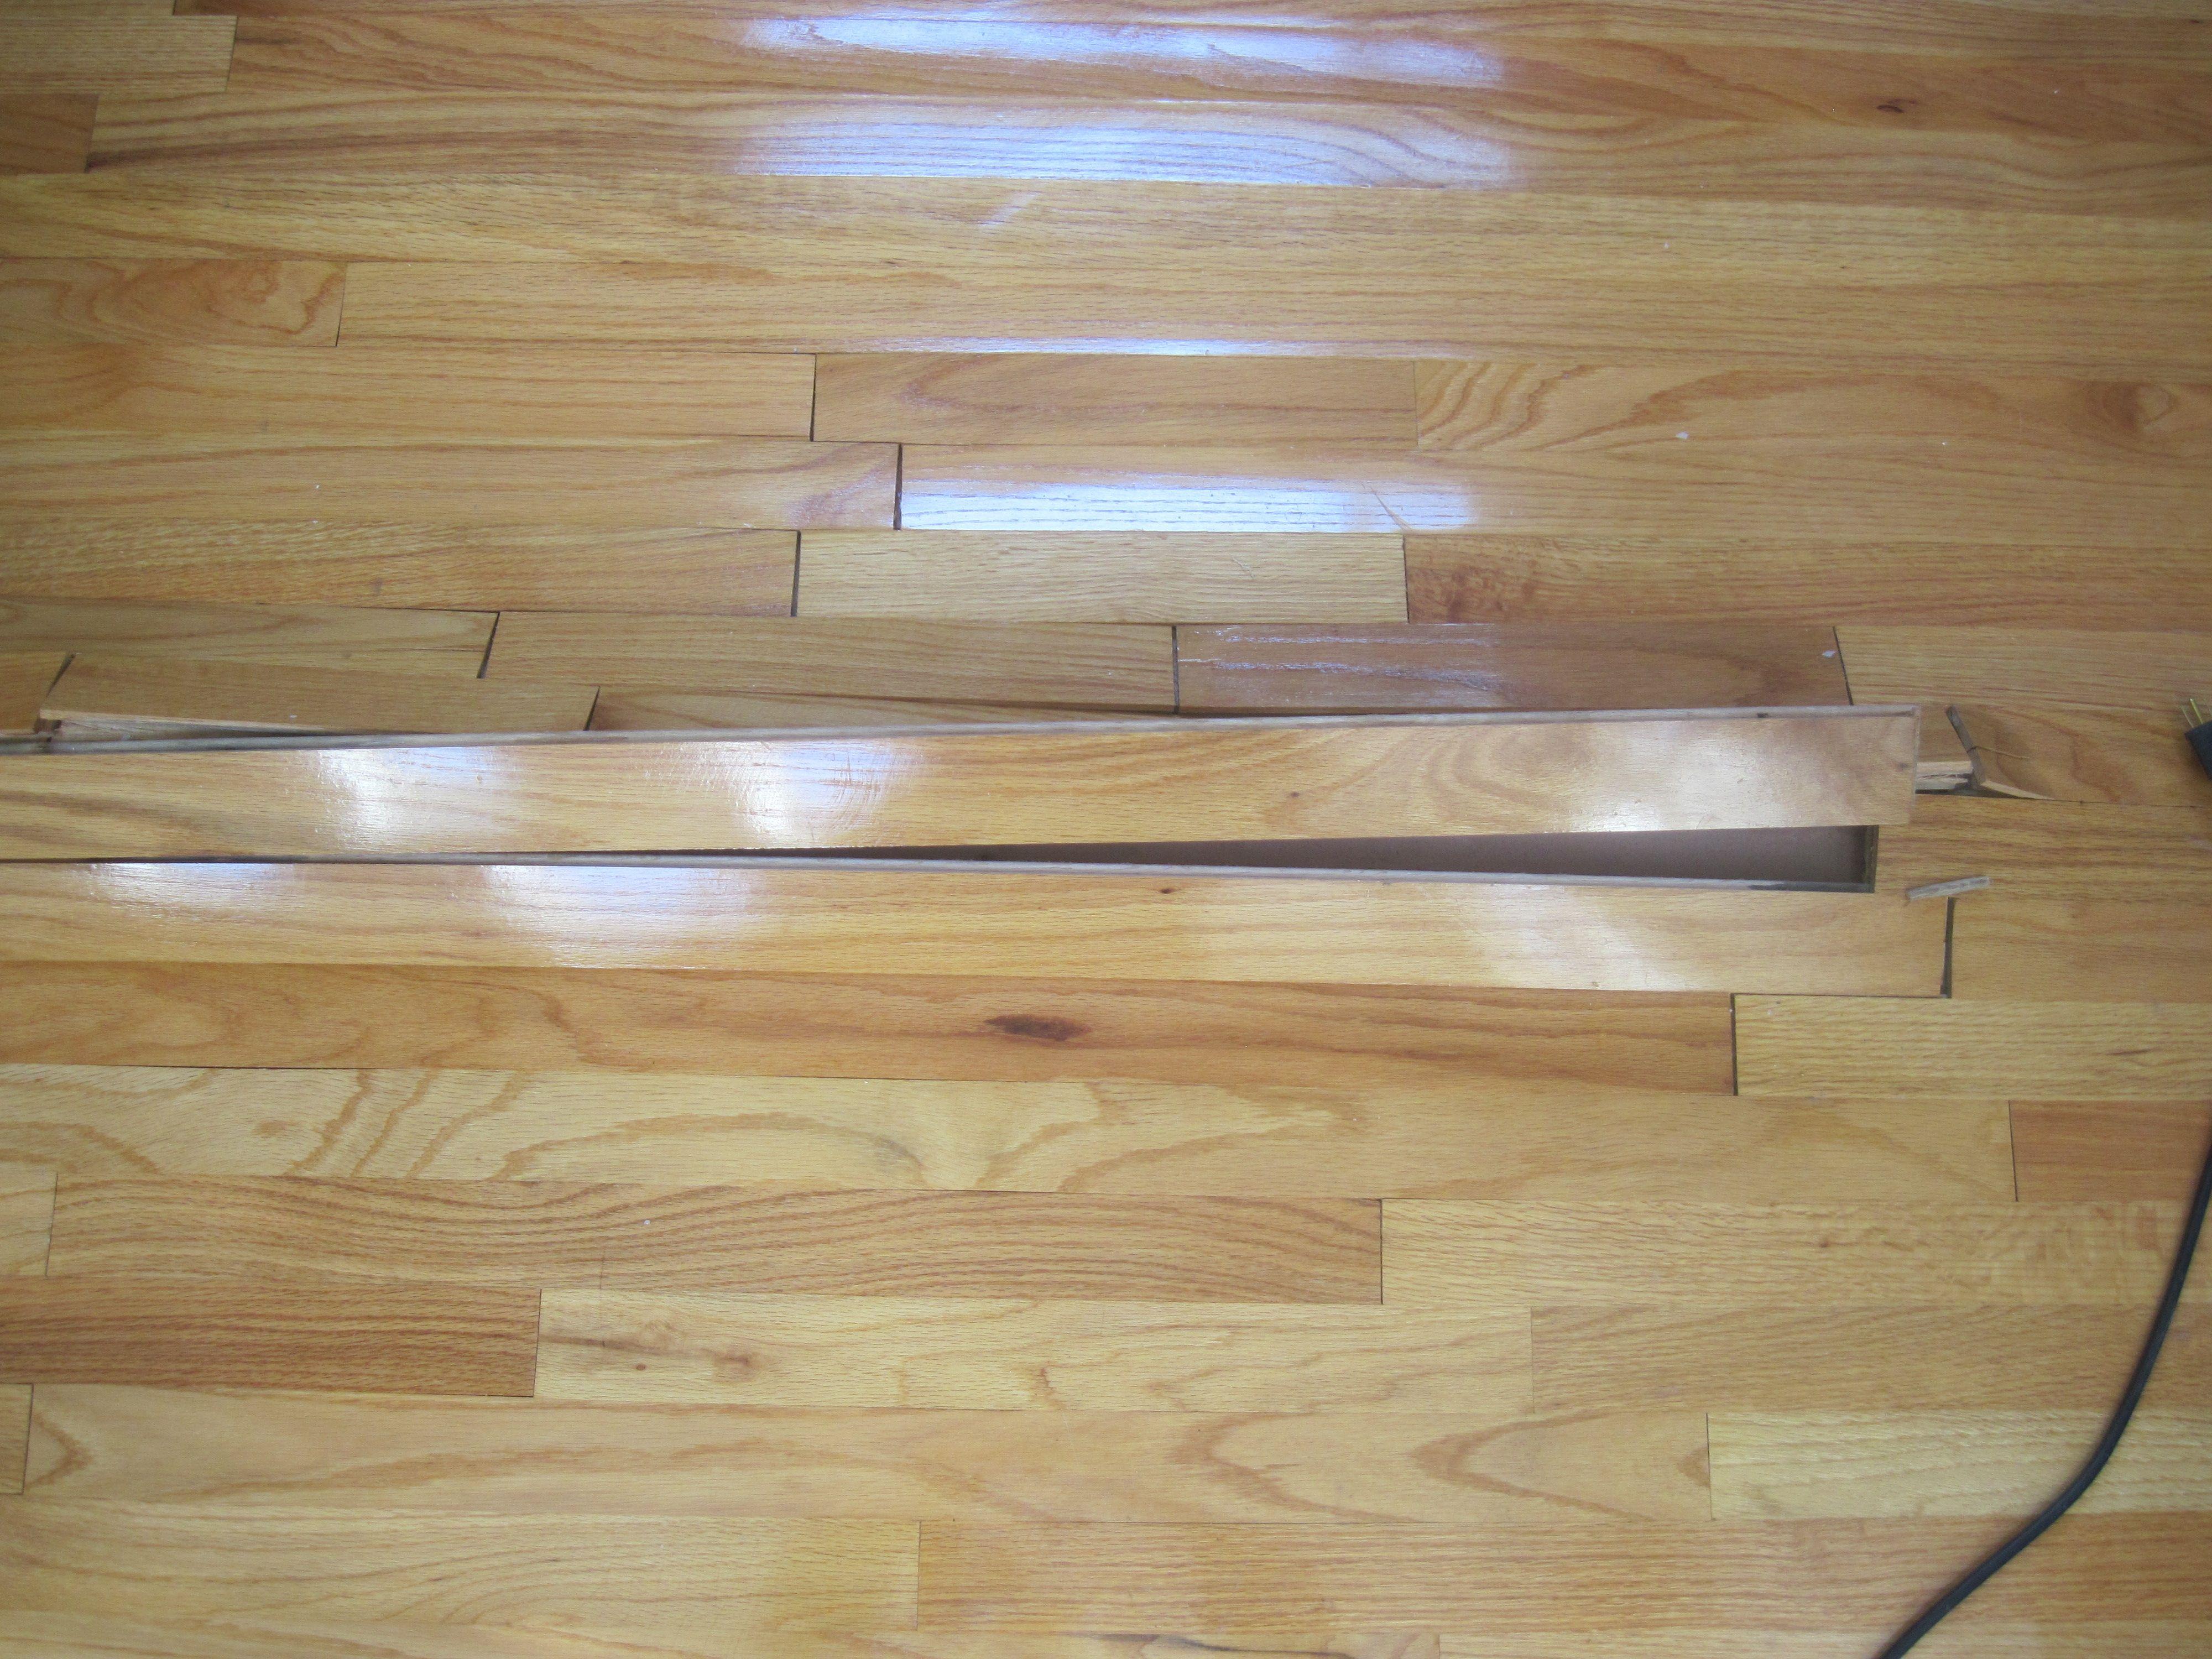 Water Damaged Engineered Hardwood Floors Hardwood Floors Engineered Hardwood Flooring Flooring